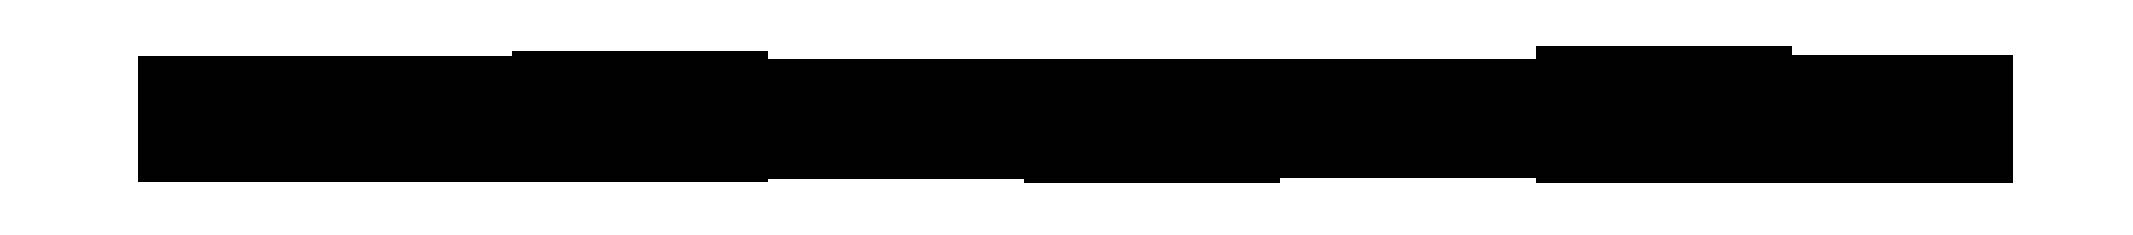 ファイナンシャルハウス株式会社